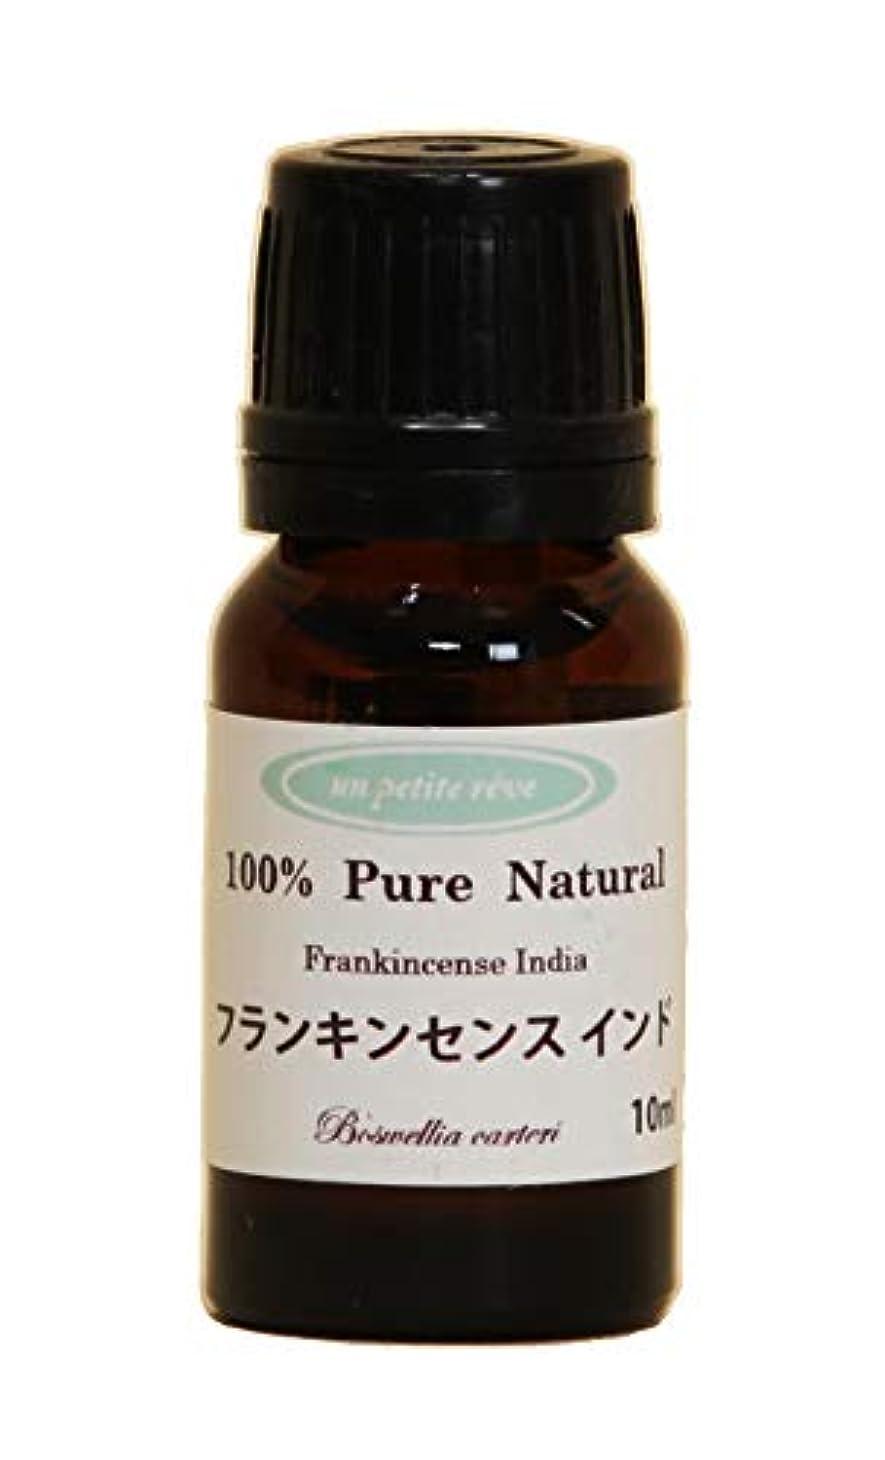 口月冷淡なフランキンセンスインド10ml 100%天然アロマエッセンシャルオイル(精油)